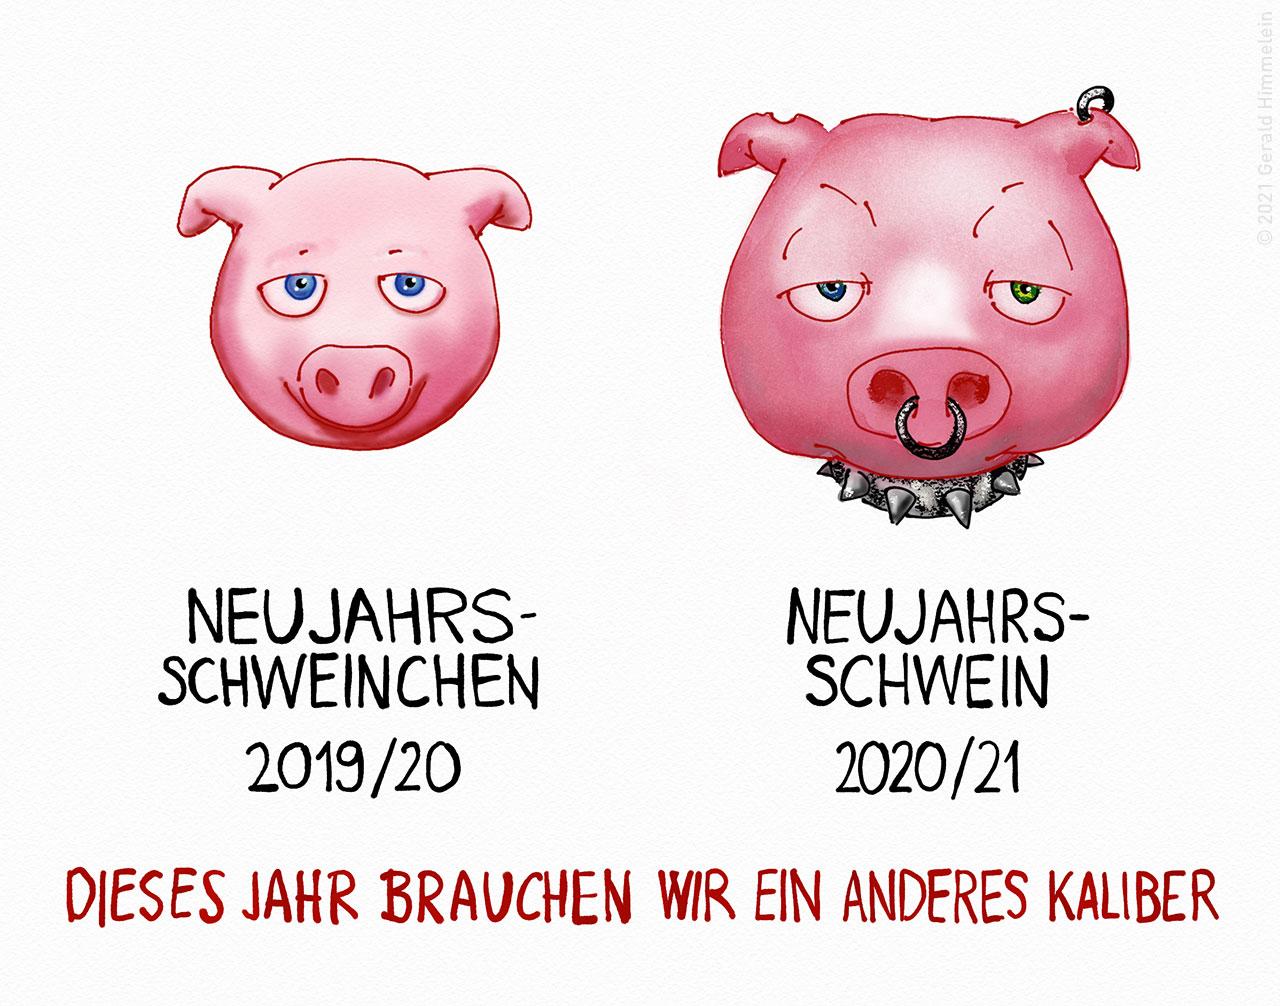 Dieses Jahr brauchen wir ein anderes Kaliber von Neujahrsschwein